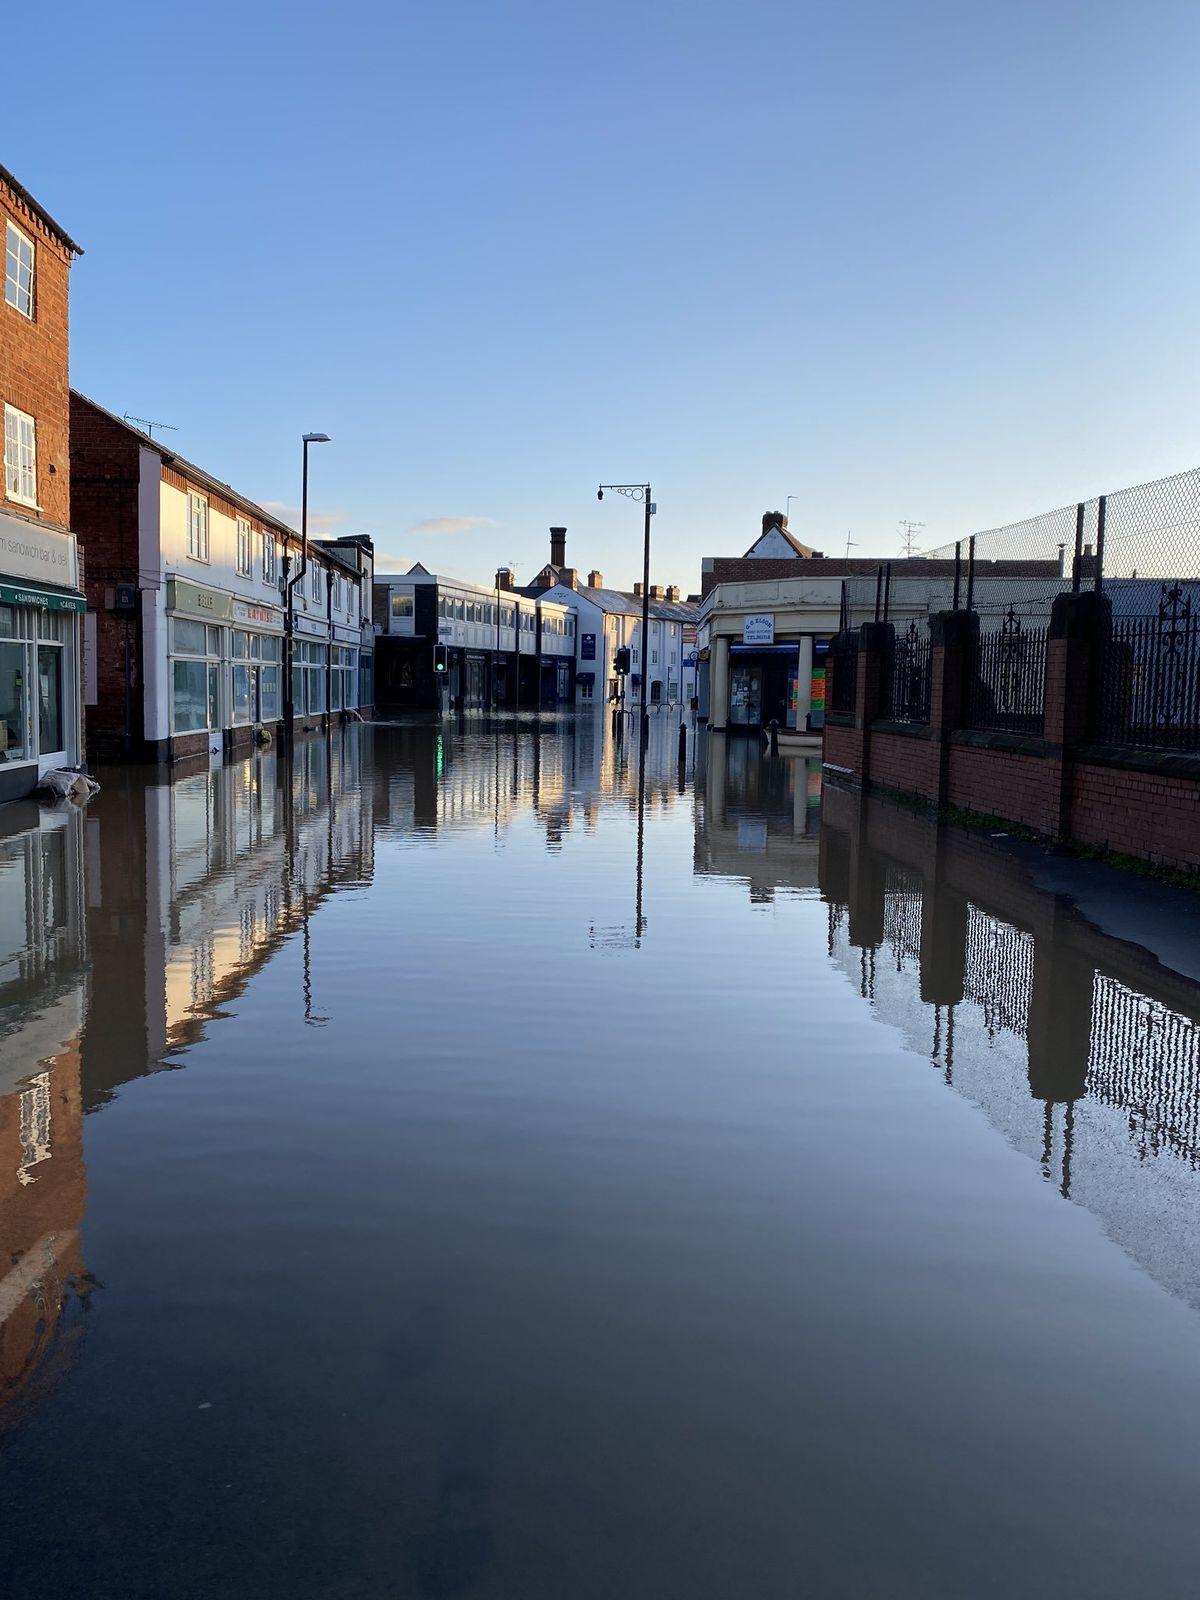 Flooding in Shrewsbury. Photo: Tim Atherton @wmastatherton